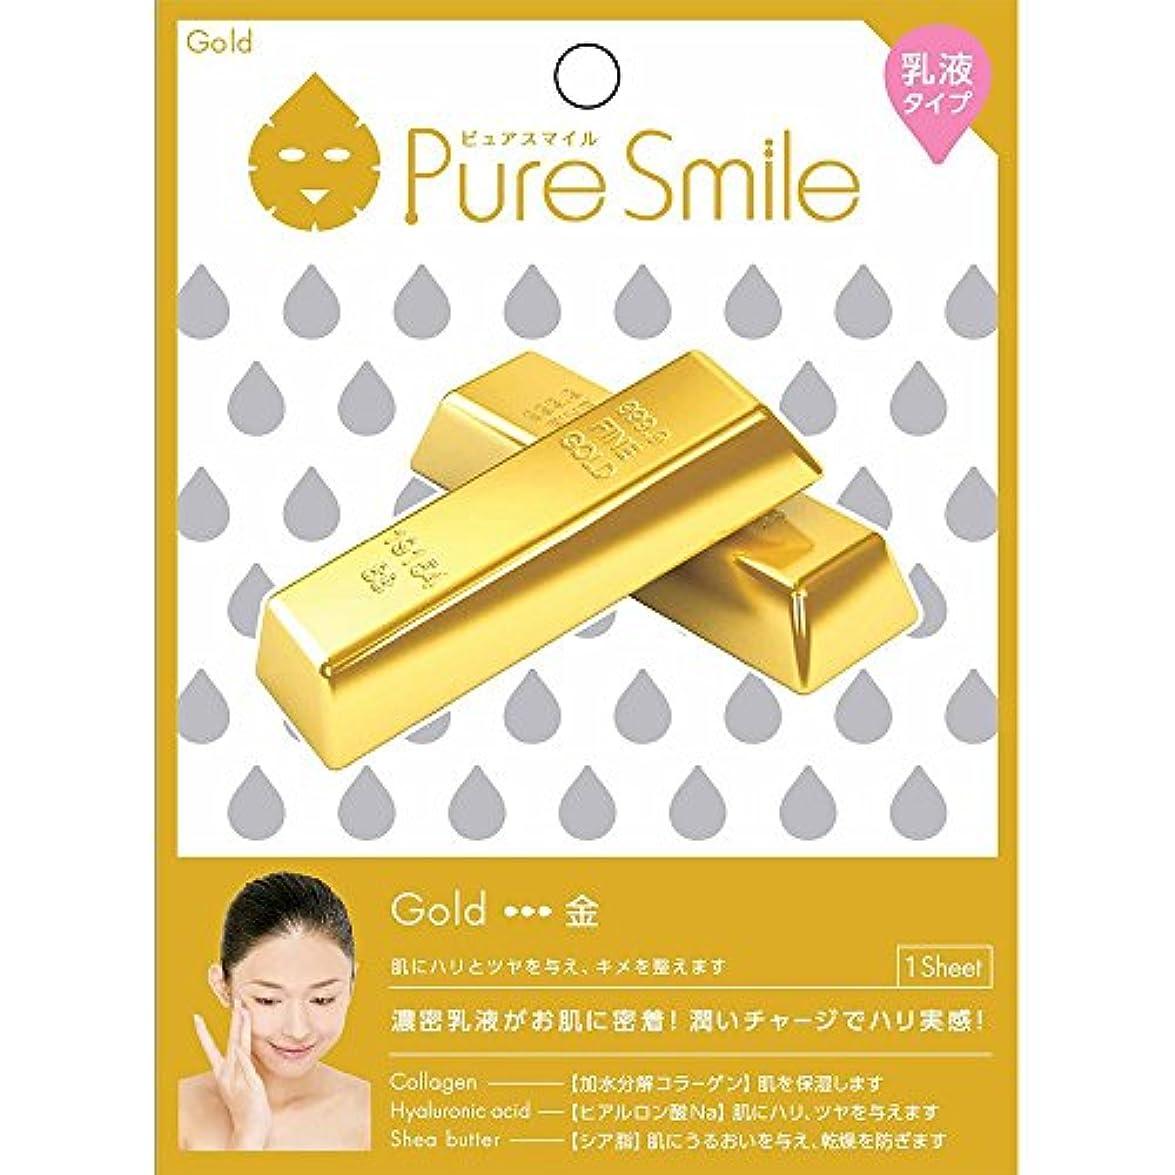 一生切り下げ無しPure Smile(ピュアスマイル) 乳液エッセンスマスク 1 枚 金